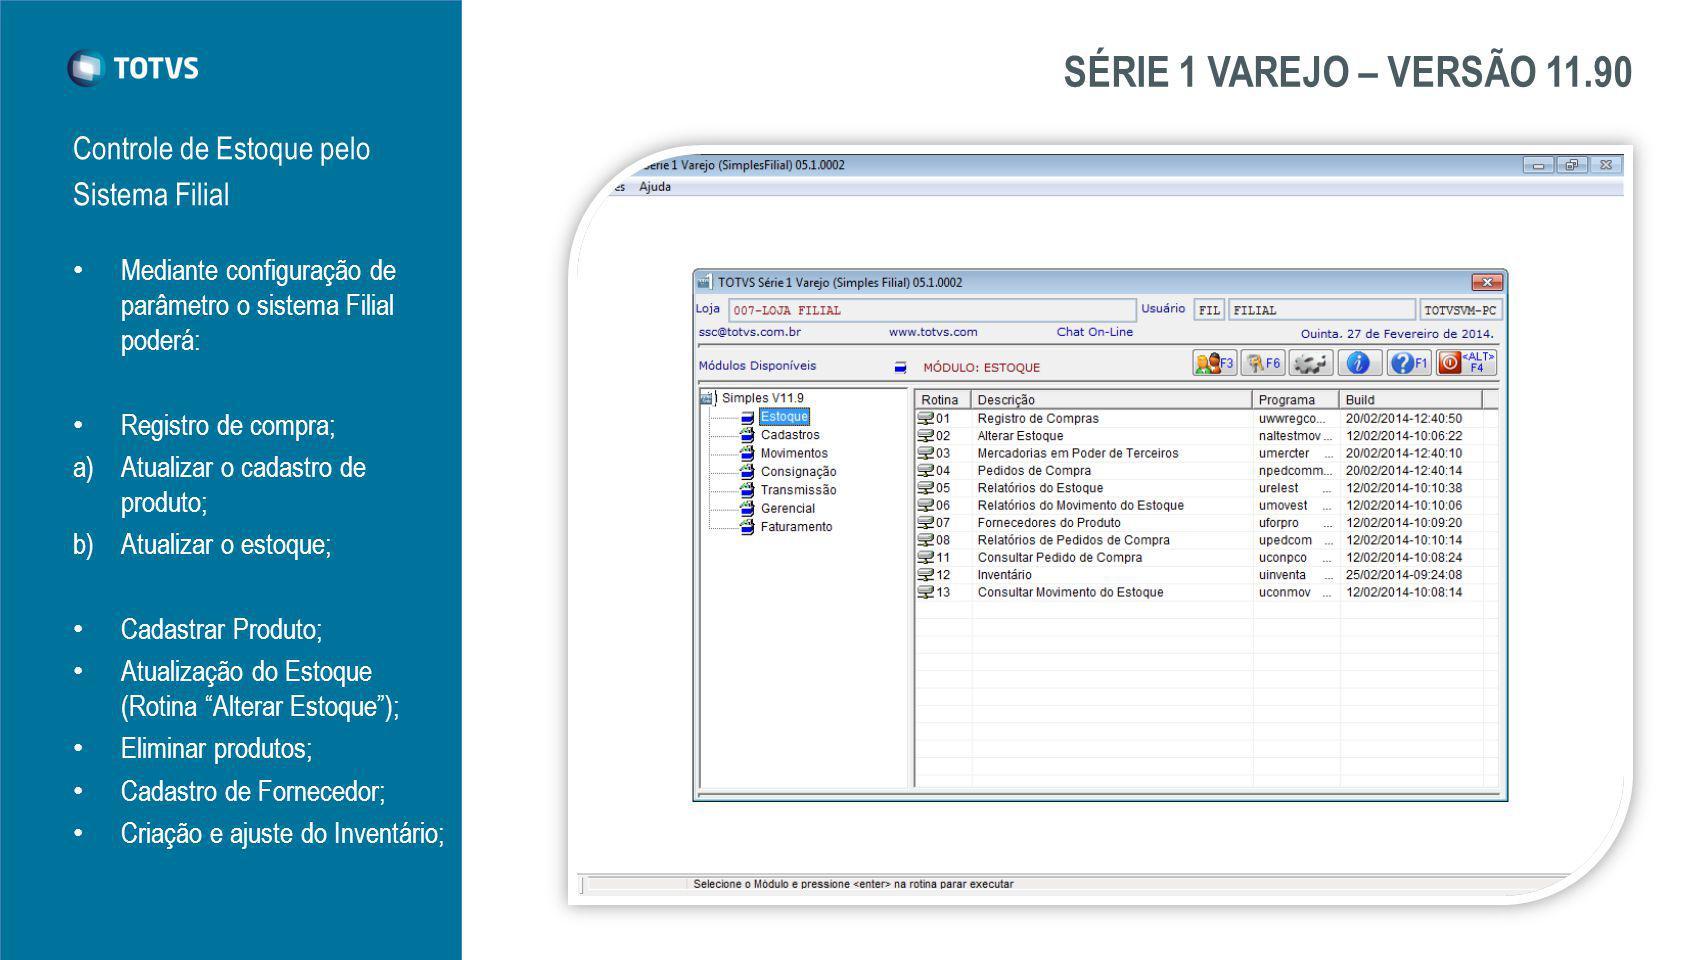 SÉRIE 1 VAREJO – VERSÃO 11.90 Controle de Estoque pelo Sistema Filial